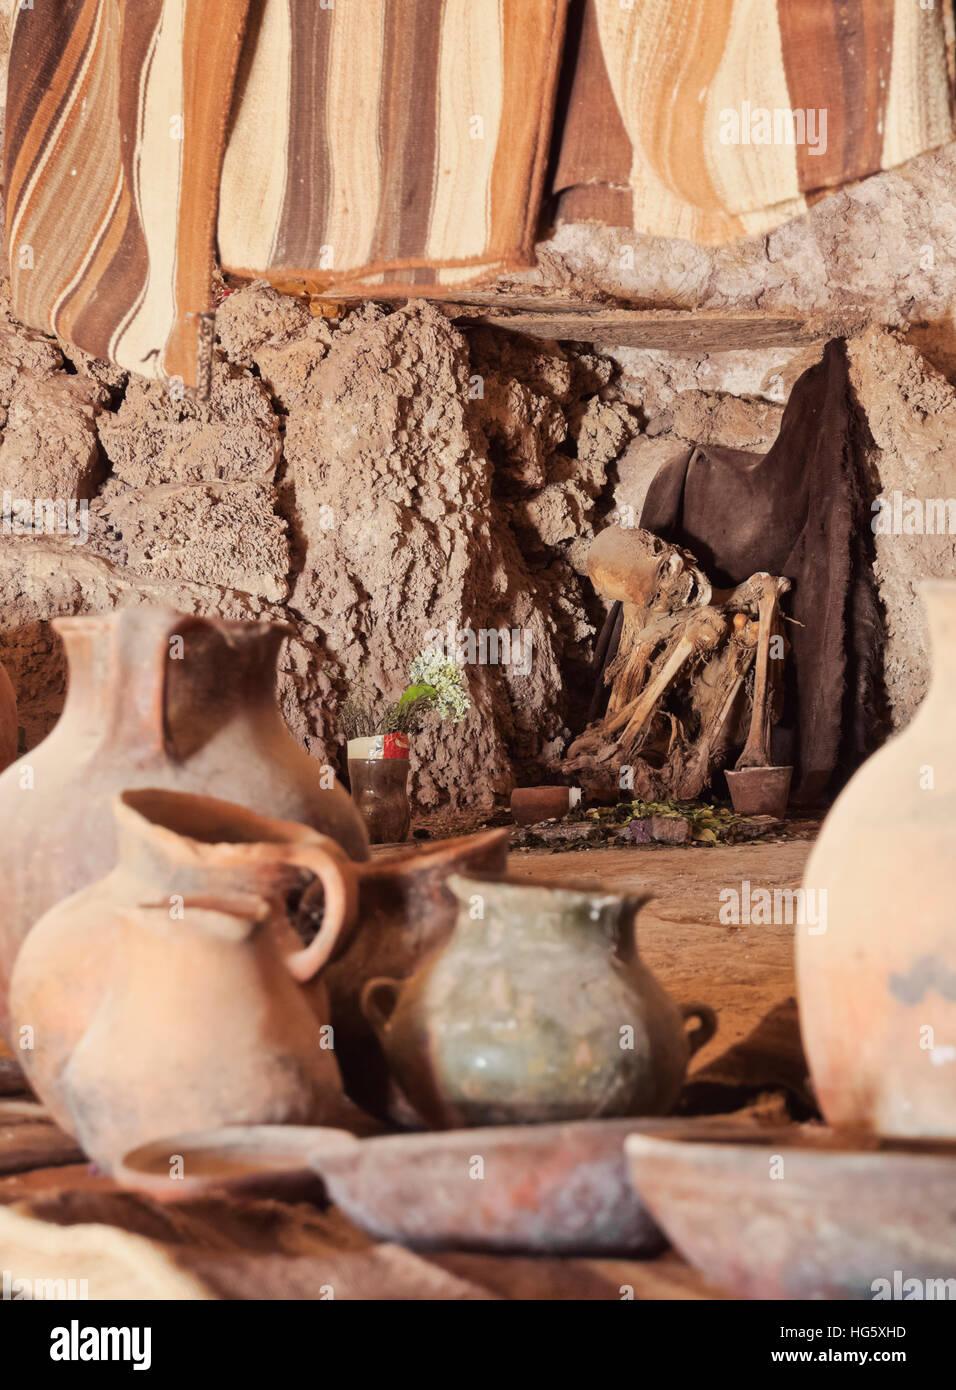 Bolivia, Potosi Departmant, Nor Lipez Province, Inca Mummy in a burial cave near Puerto Chuvica. - Stock Image